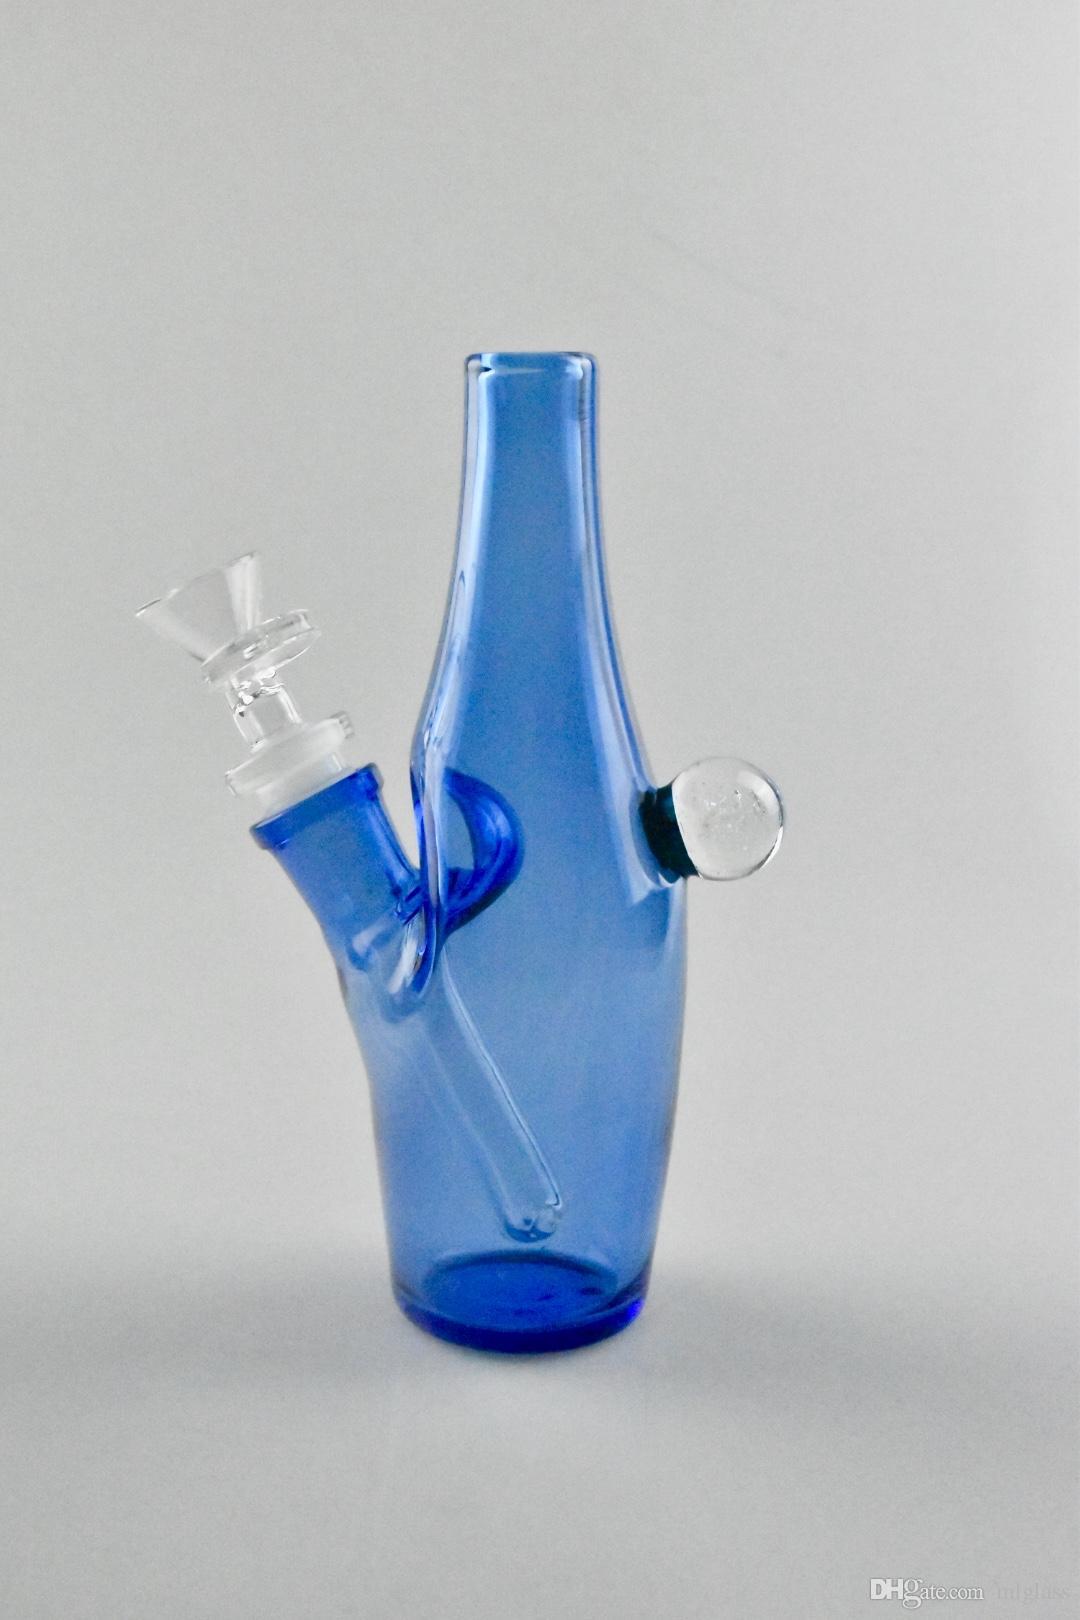 Стеклянный кальян, синяя плоскодонная курительная труба, заводские прямые ценовые уступки